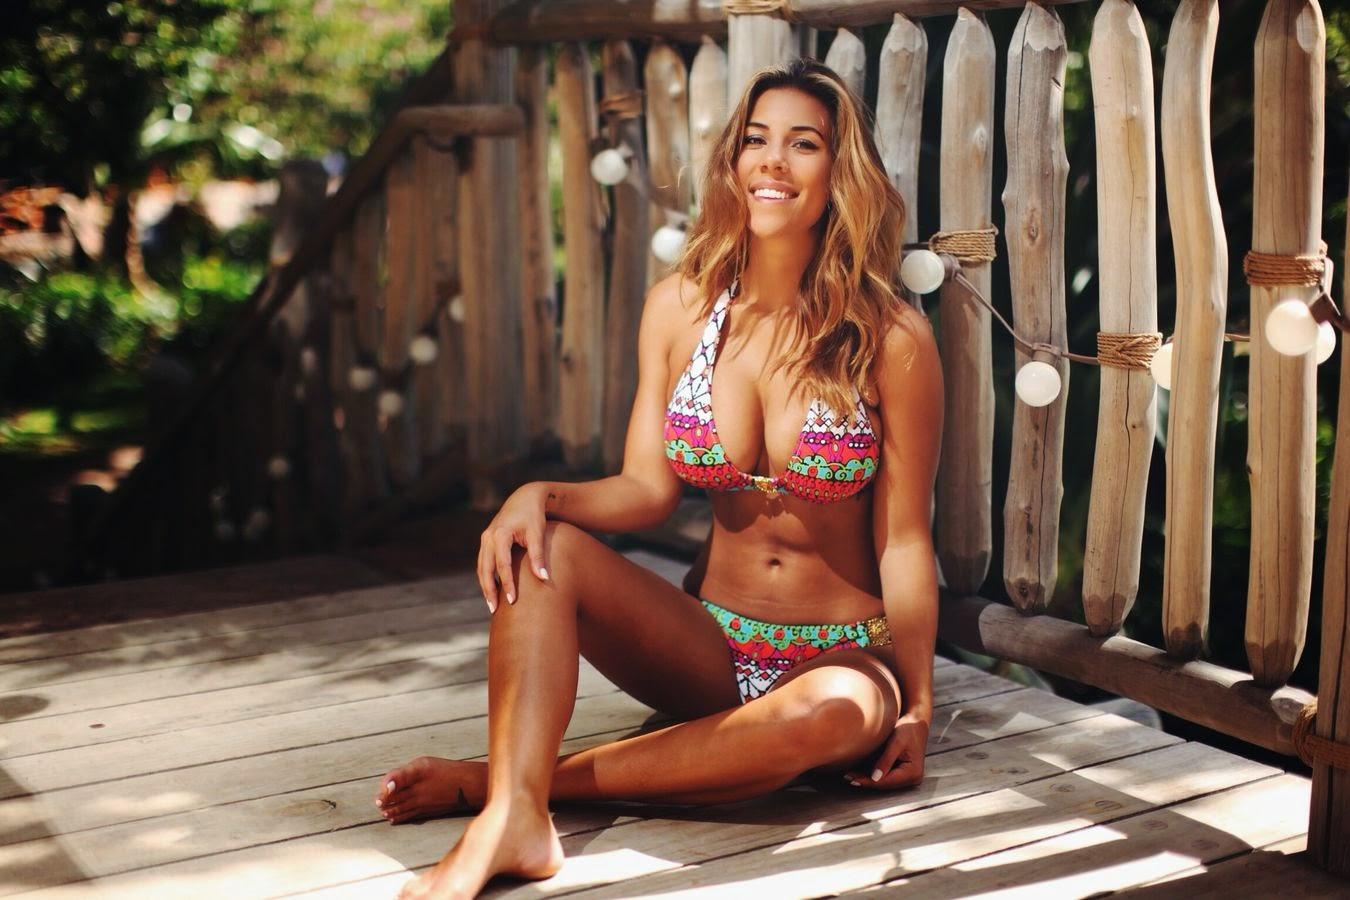 Diane%E2%80%99s Beachwear swimsuit bikini 2014 summer trends DIANE'S BEACHWEAR 2015 mayı bikini modelleri, Diane's Beachwear 2014 bikini koleksiyonu,Diane's Beachwear 2016